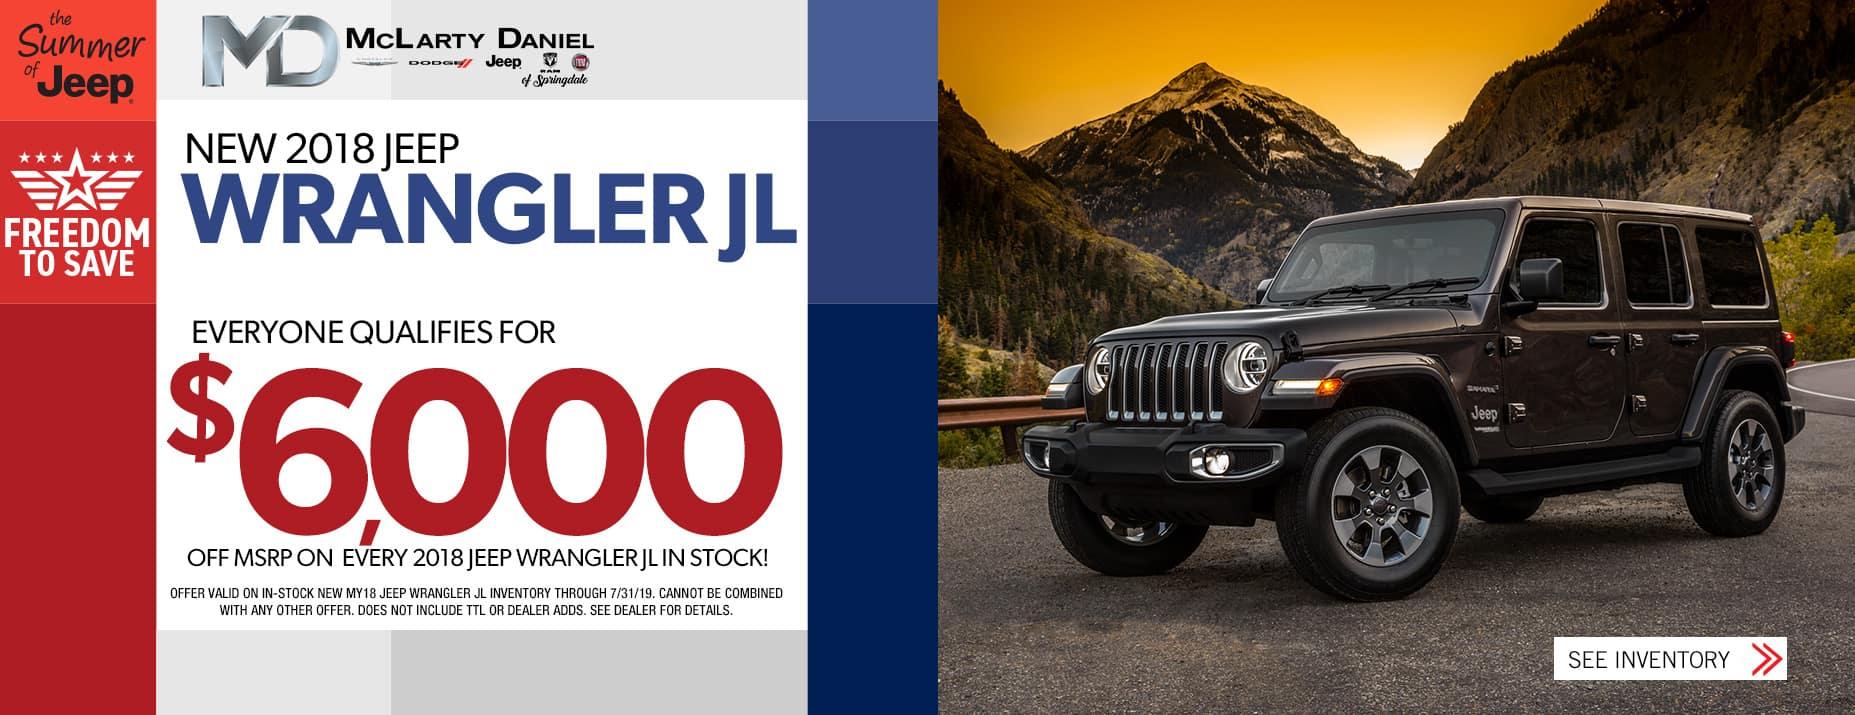 2018 Wrangler JL $6000 Off MSRP